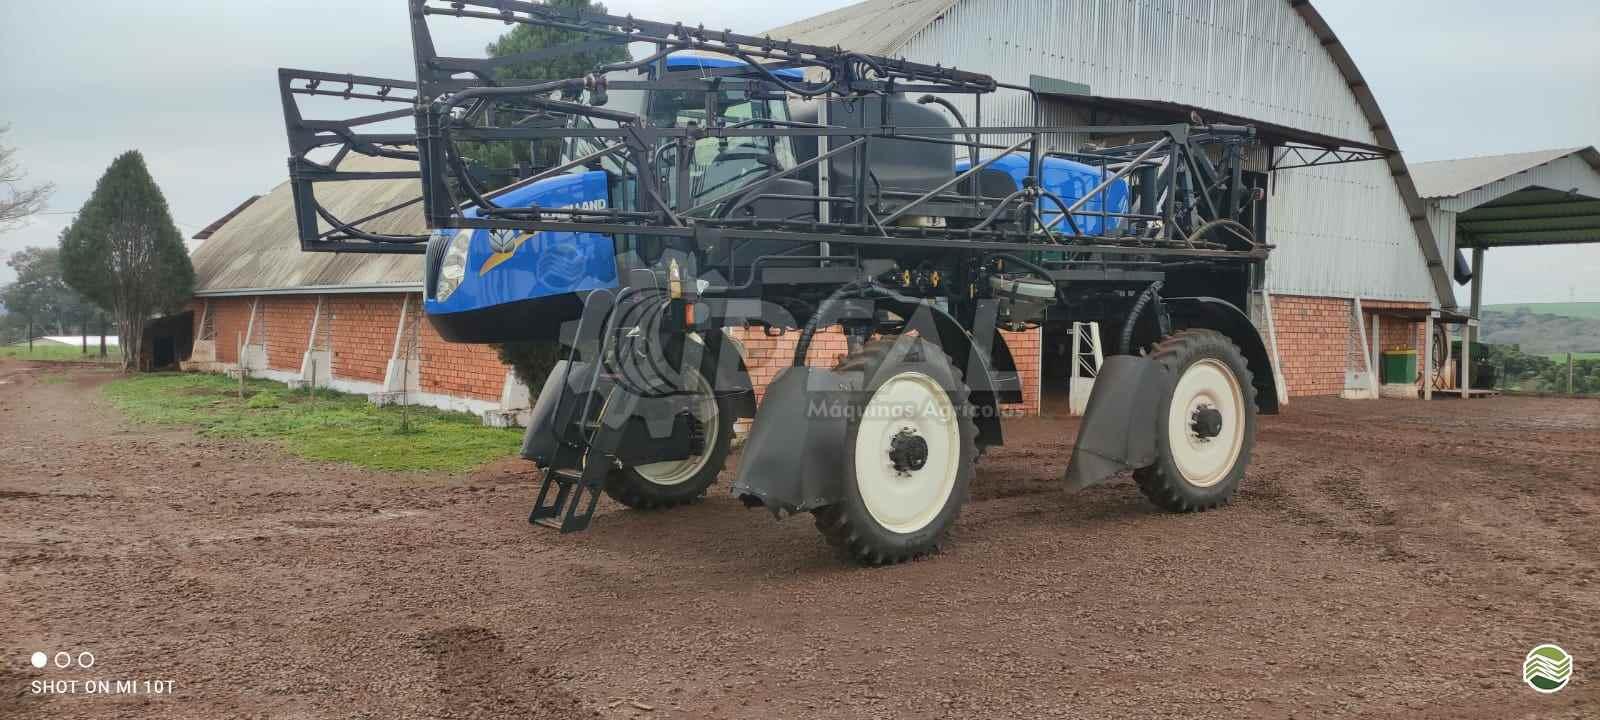 PULVERIZADOR NEW HOLLAND SP2500 Tração 4x4 Ideal Máquinas Agrícolas SAO GONCALO DO SAPUCAI MINAS GERAIS MG